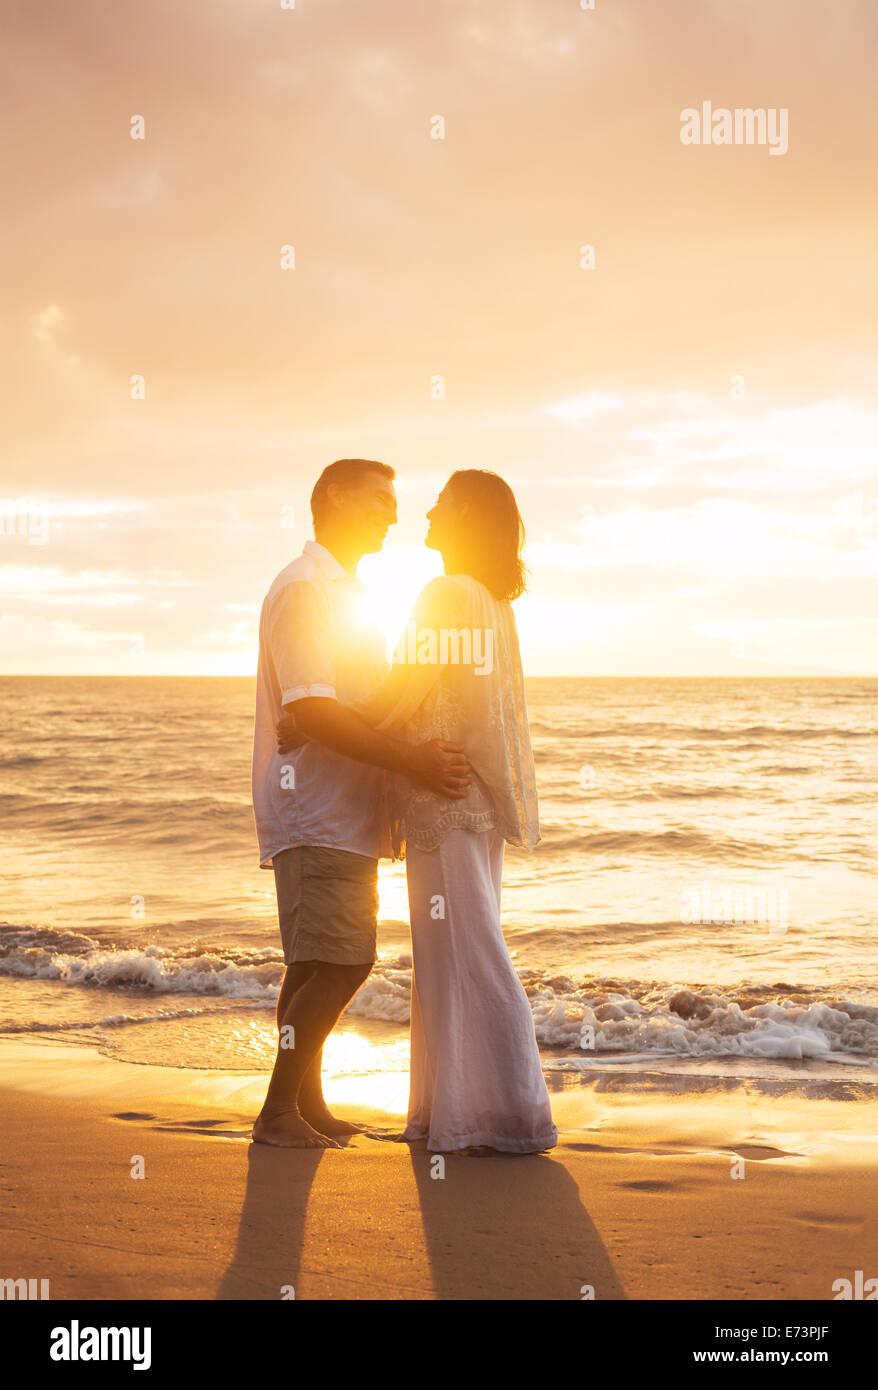 Romántica pareja besándose al atardecer en la playa Imagen De Stock